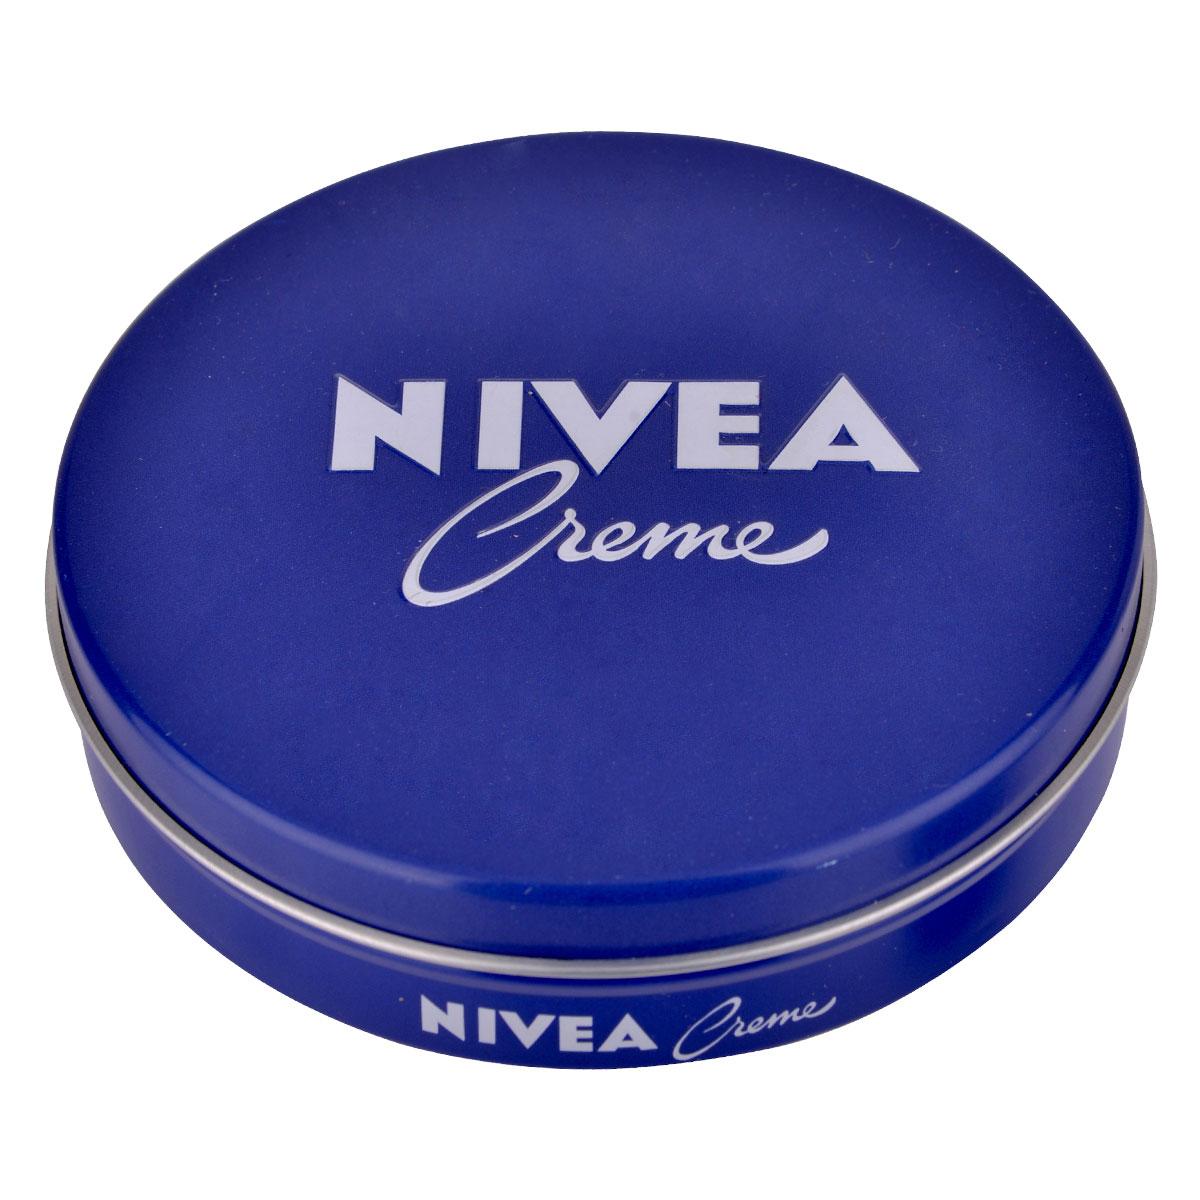 كريم ترطيب نيفيا   - 150 مل